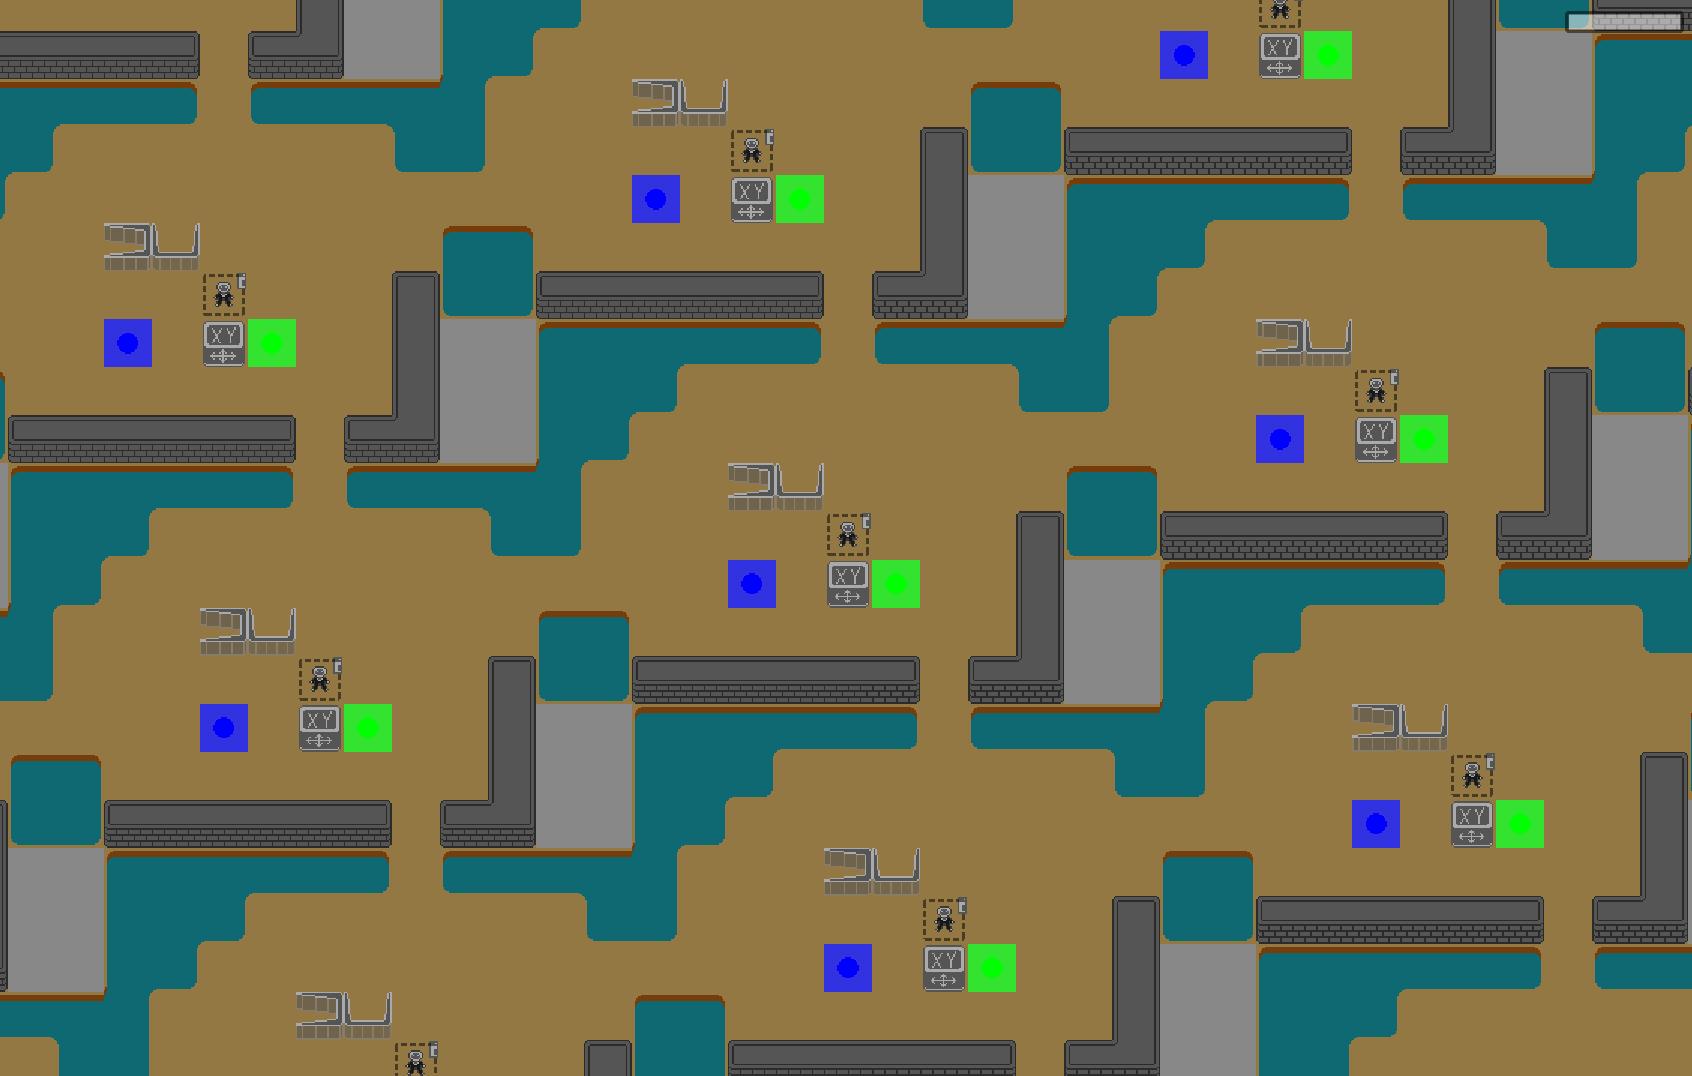 Toroban - Void world 1